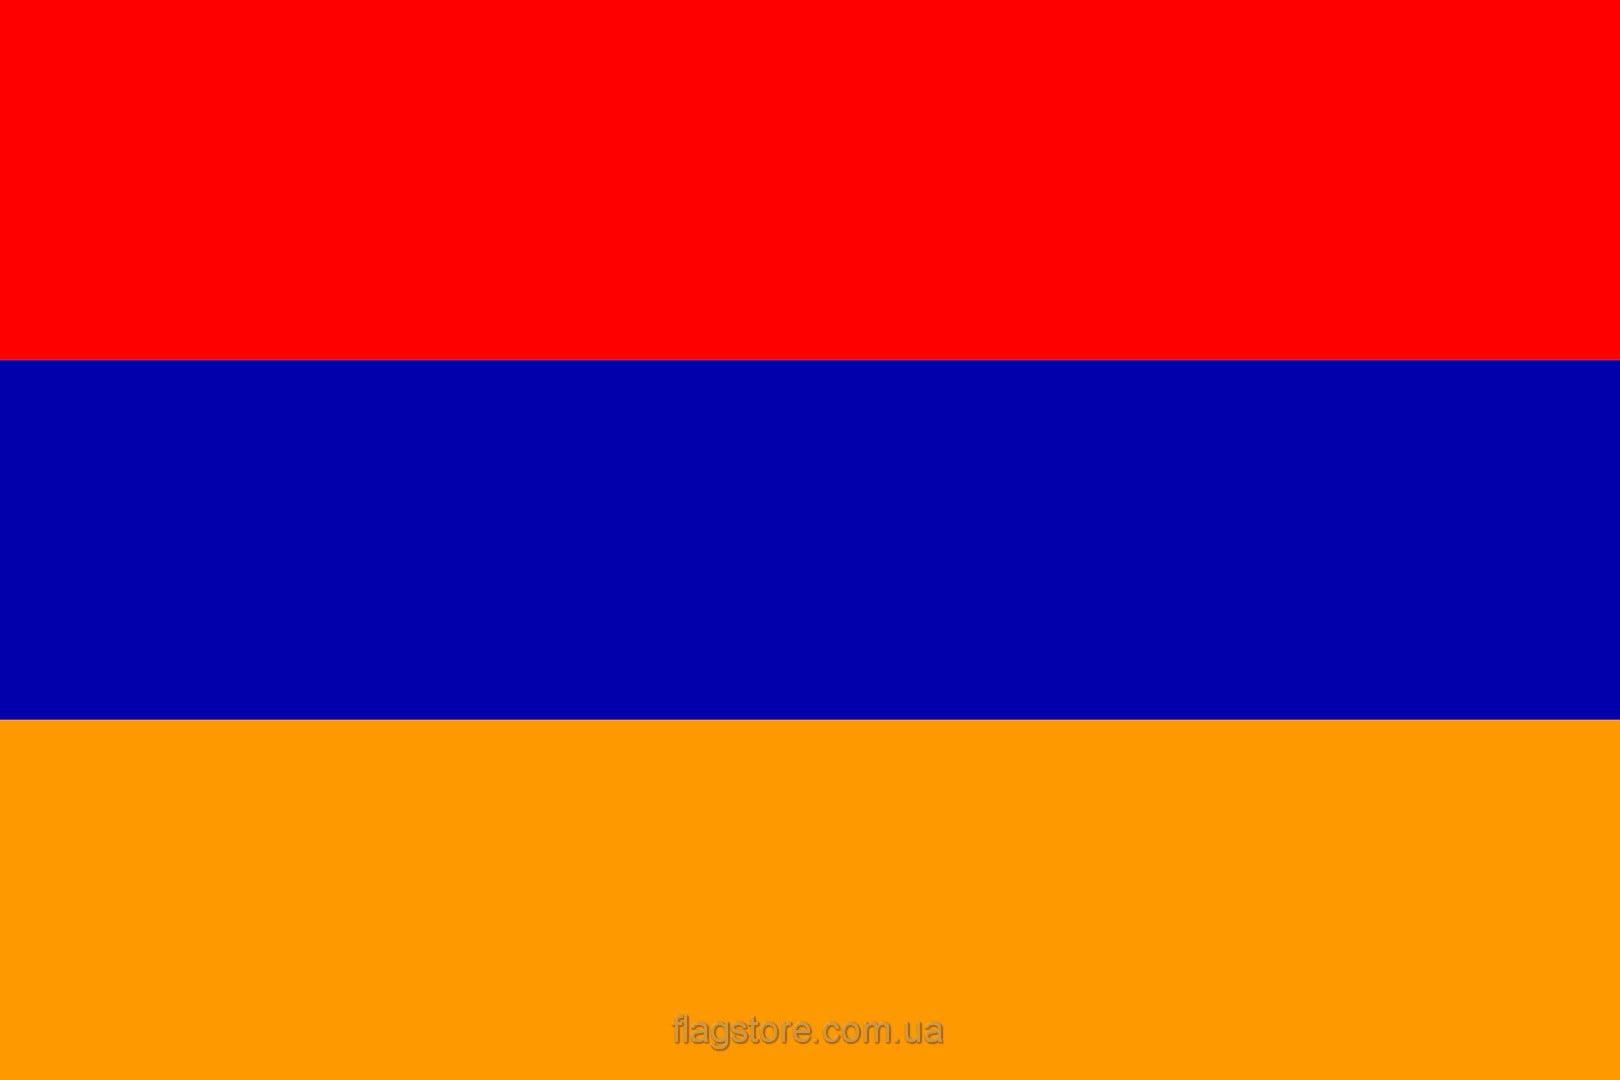 Купить флаг Армении (страны Армения)